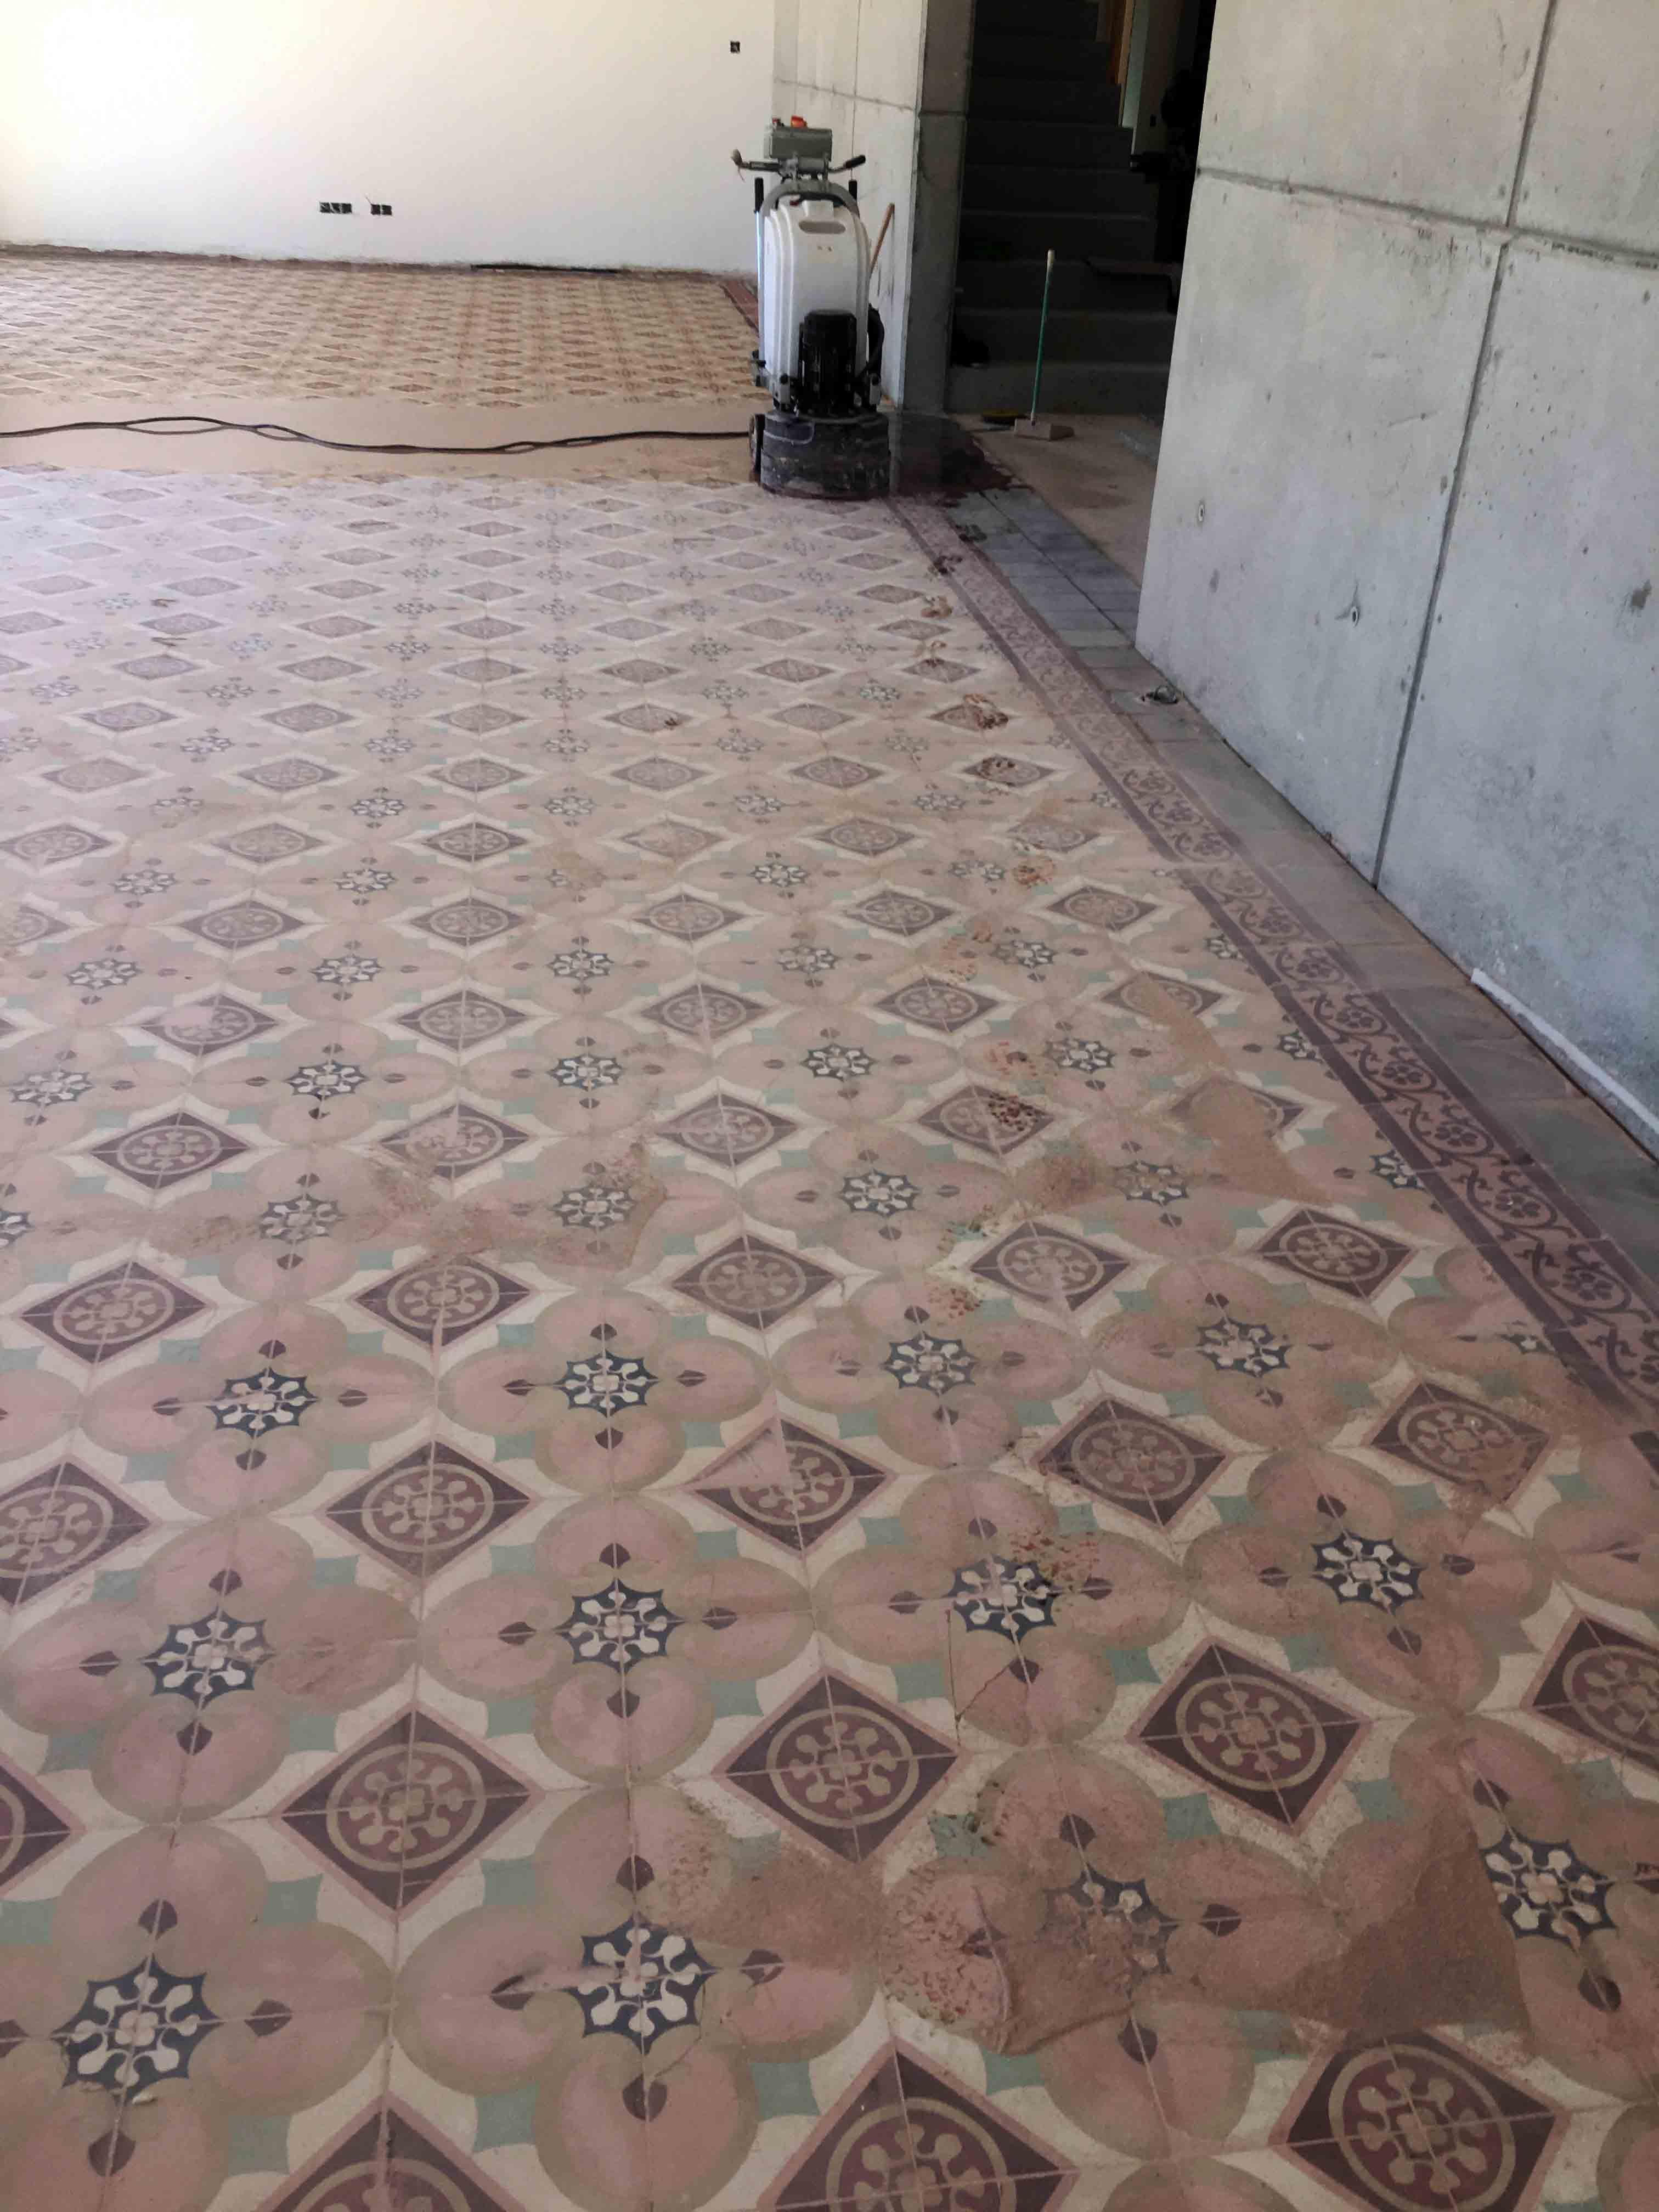 MosaicosBarcelona-Recuperacción-abrillantado-y-acristalado-de-suelos-de-mosaico-hidraulico-en-vivienda-en-Mallorca-Baleares-6